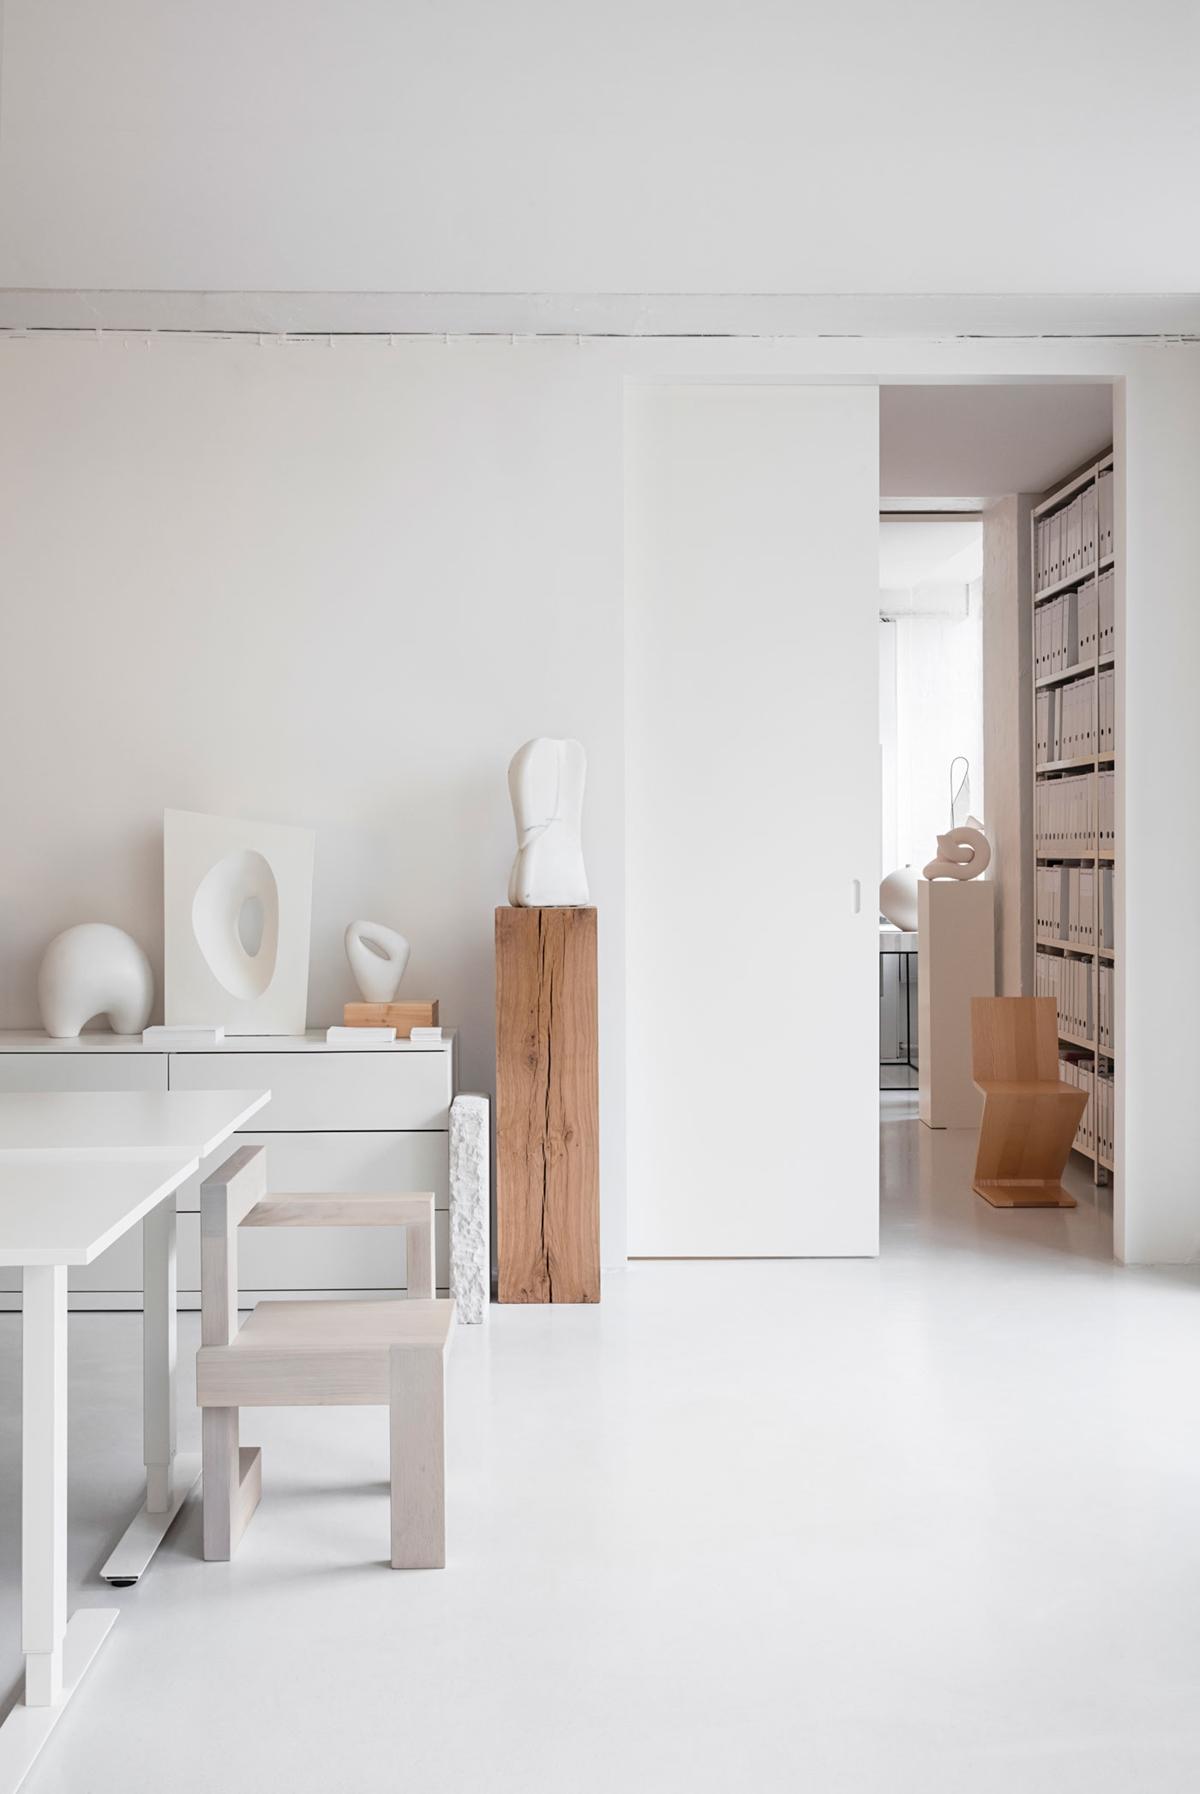 Homework's studio space in Copenhagen